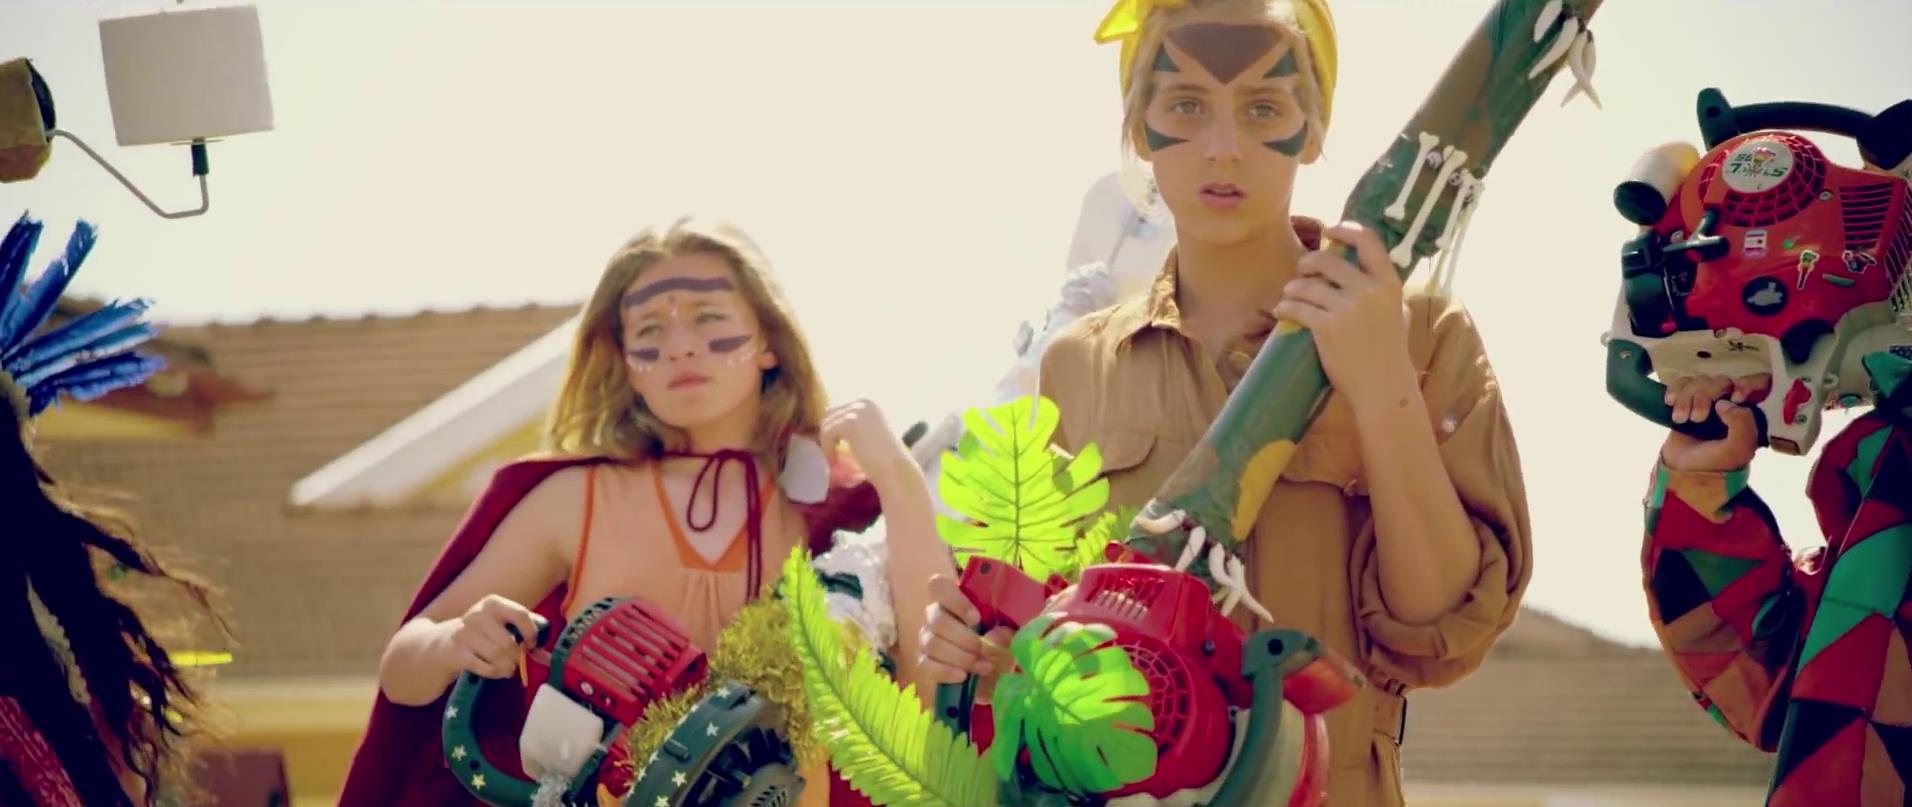 Changes Faul & Wad Ad Vs Pnau colonna sonora dello spot di Mercedes Classe C